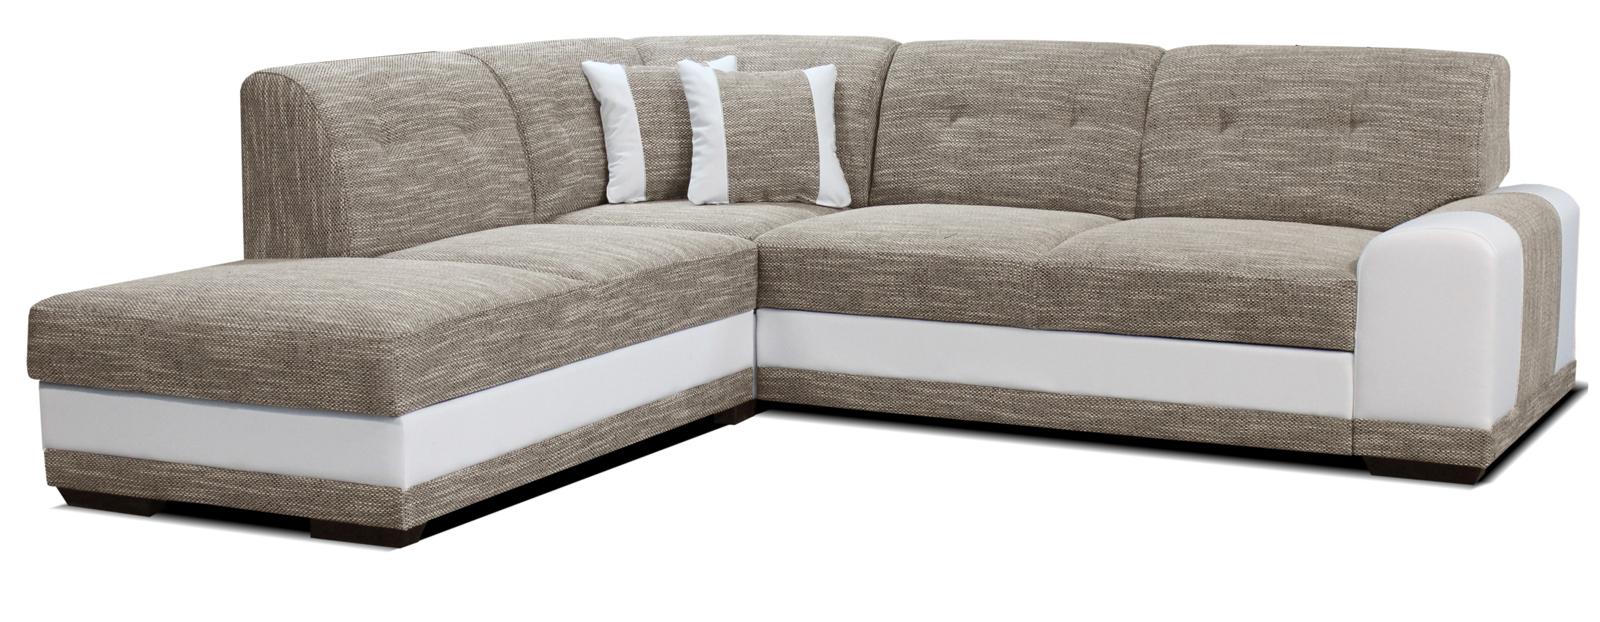 Rohová sedací souprava - Po-Sed - Bella Lux L+2F (béžová + bílá) (L)